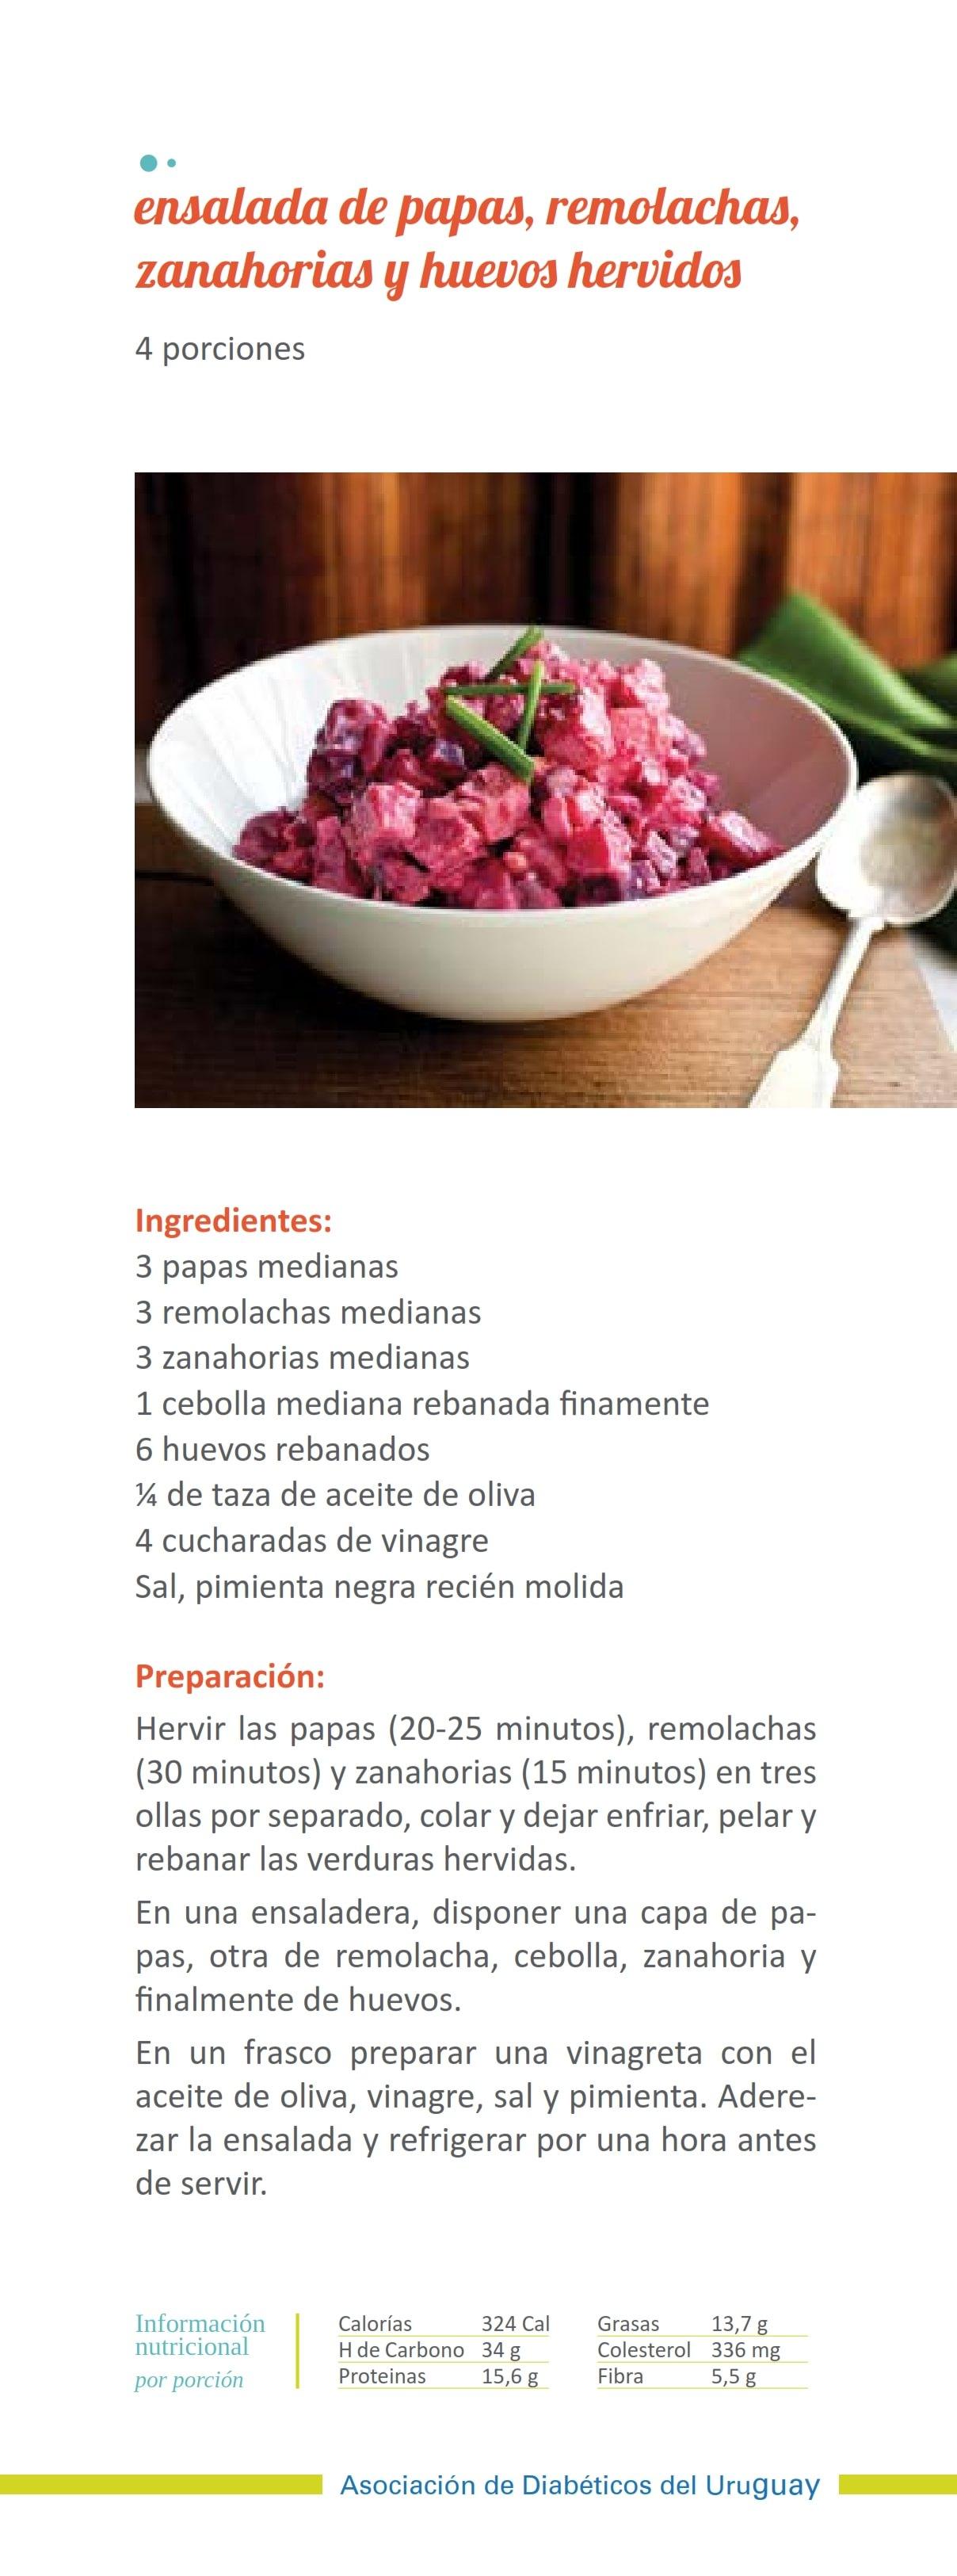 Ensalada de papas remolachas zanahorias y huevos hervidos 001-min